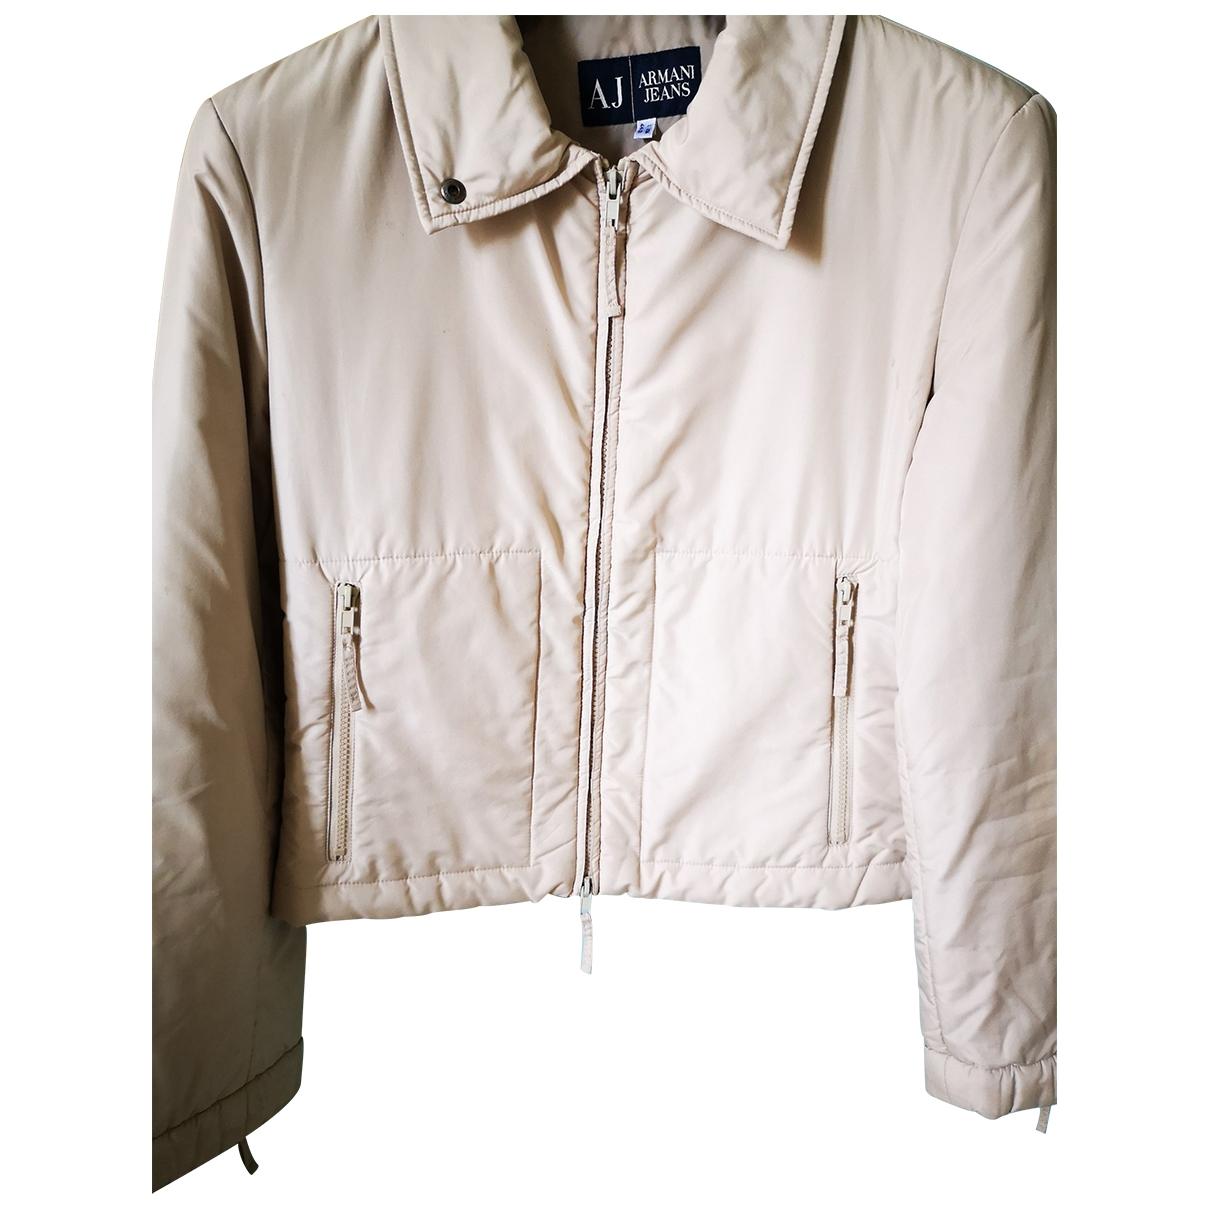 Armani Jeans \N Jacke in  Beige Polyester